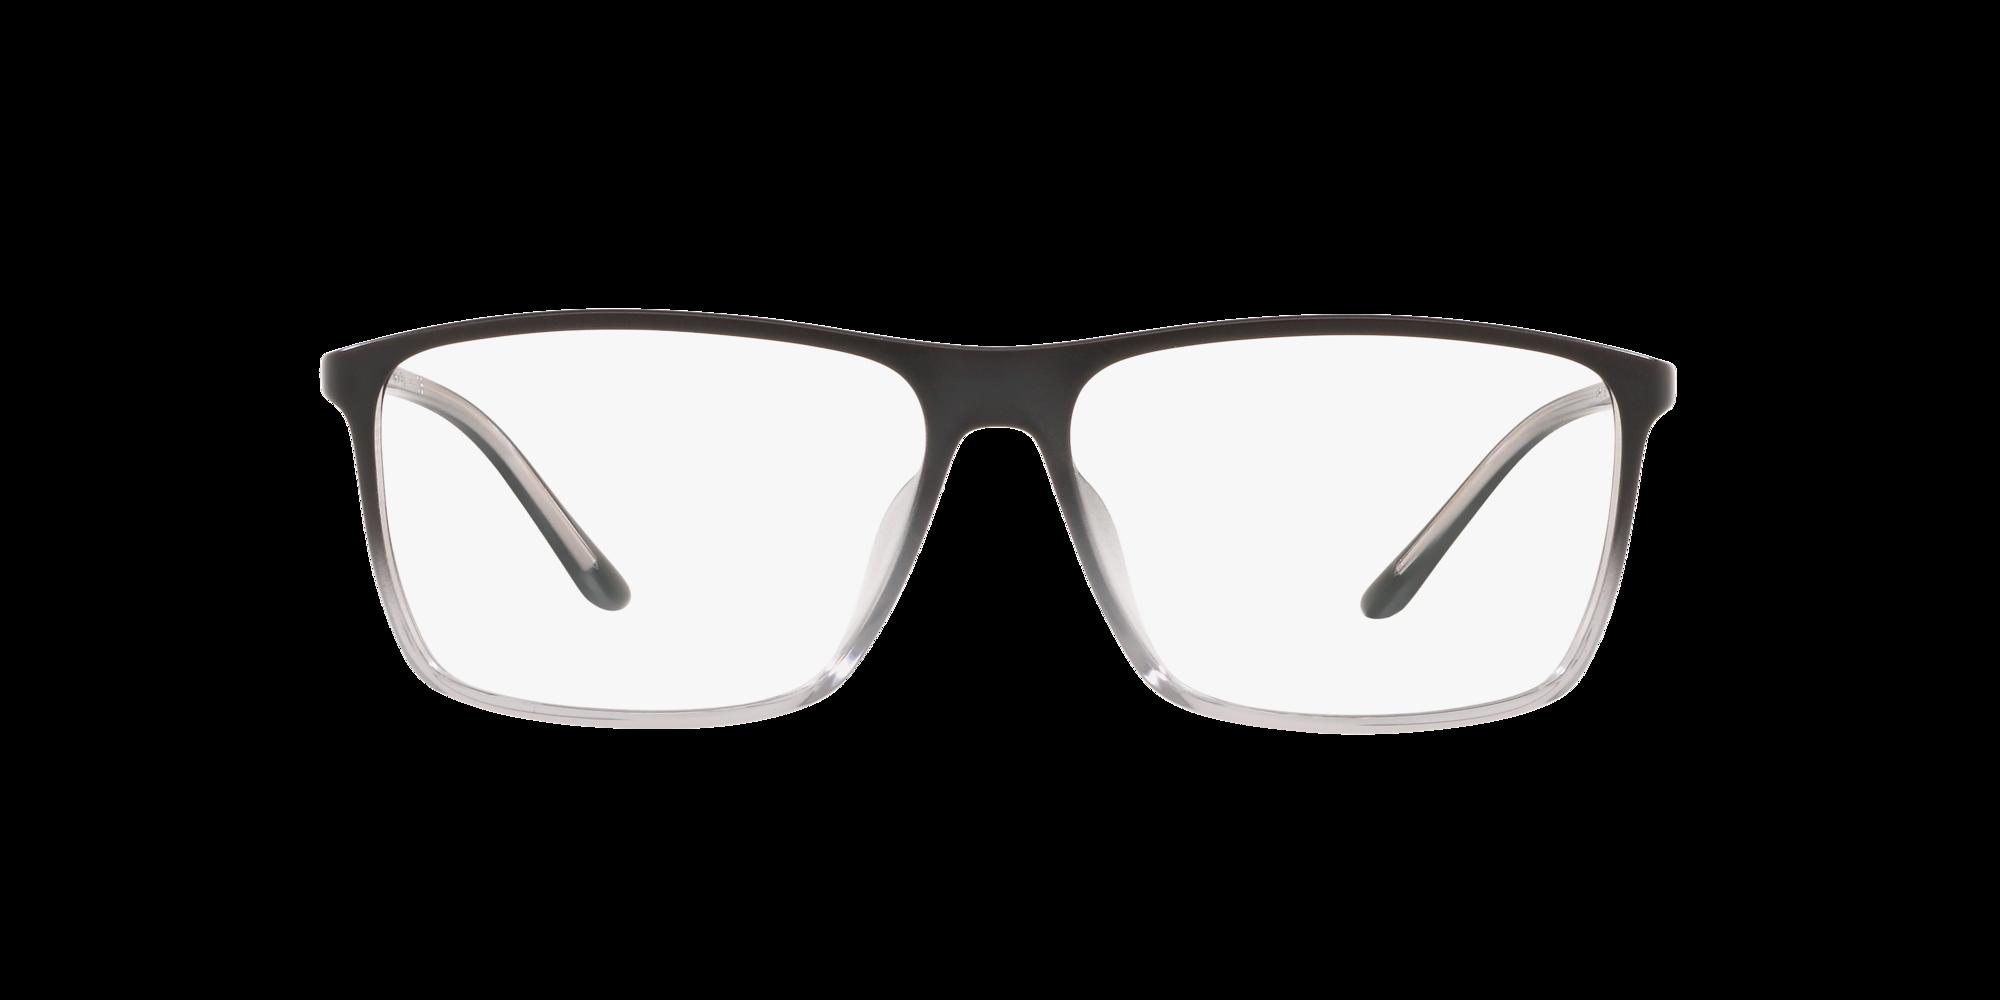 Imagen para SH3030 de LensCrafters |  Espejuelos, espejuelos graduados en línea, gafas